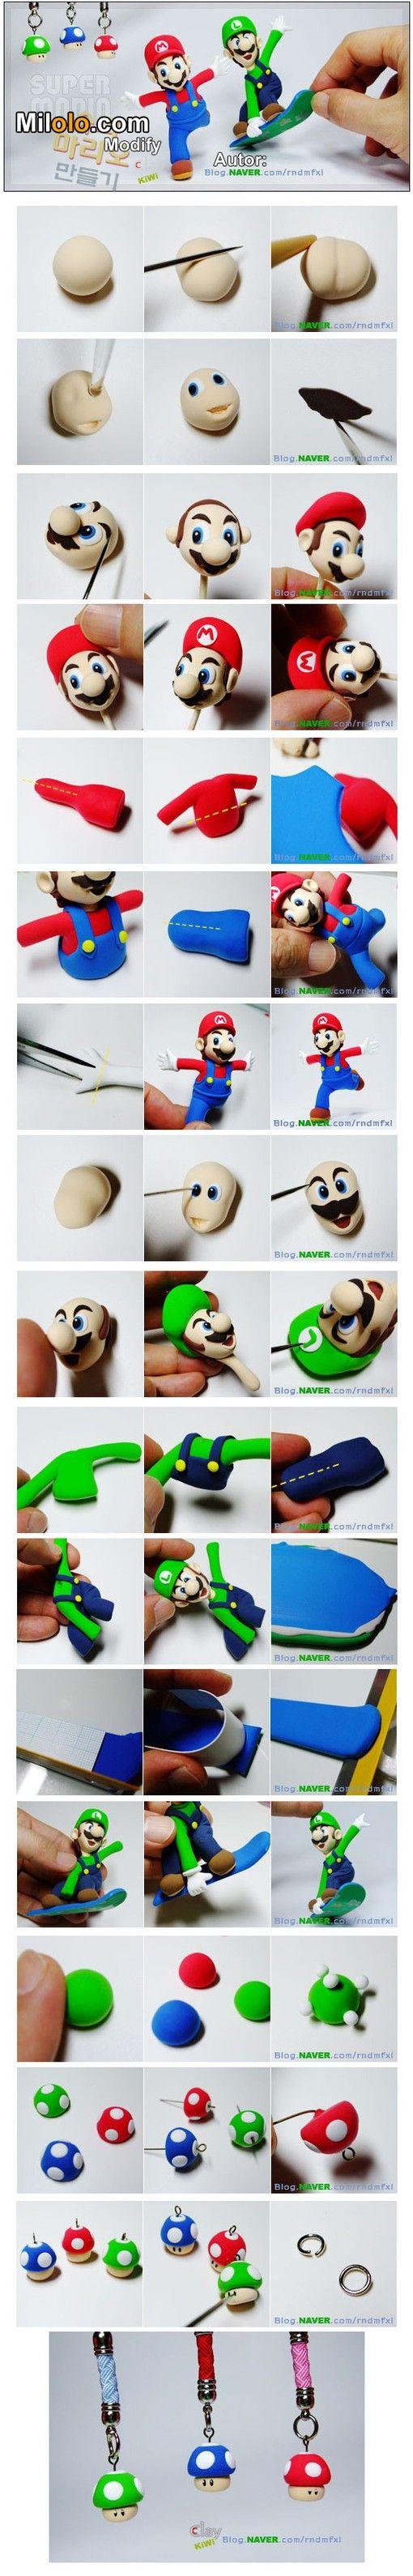 DIY Polymer Clay Super Mario Bros and Mushroom Tutorial